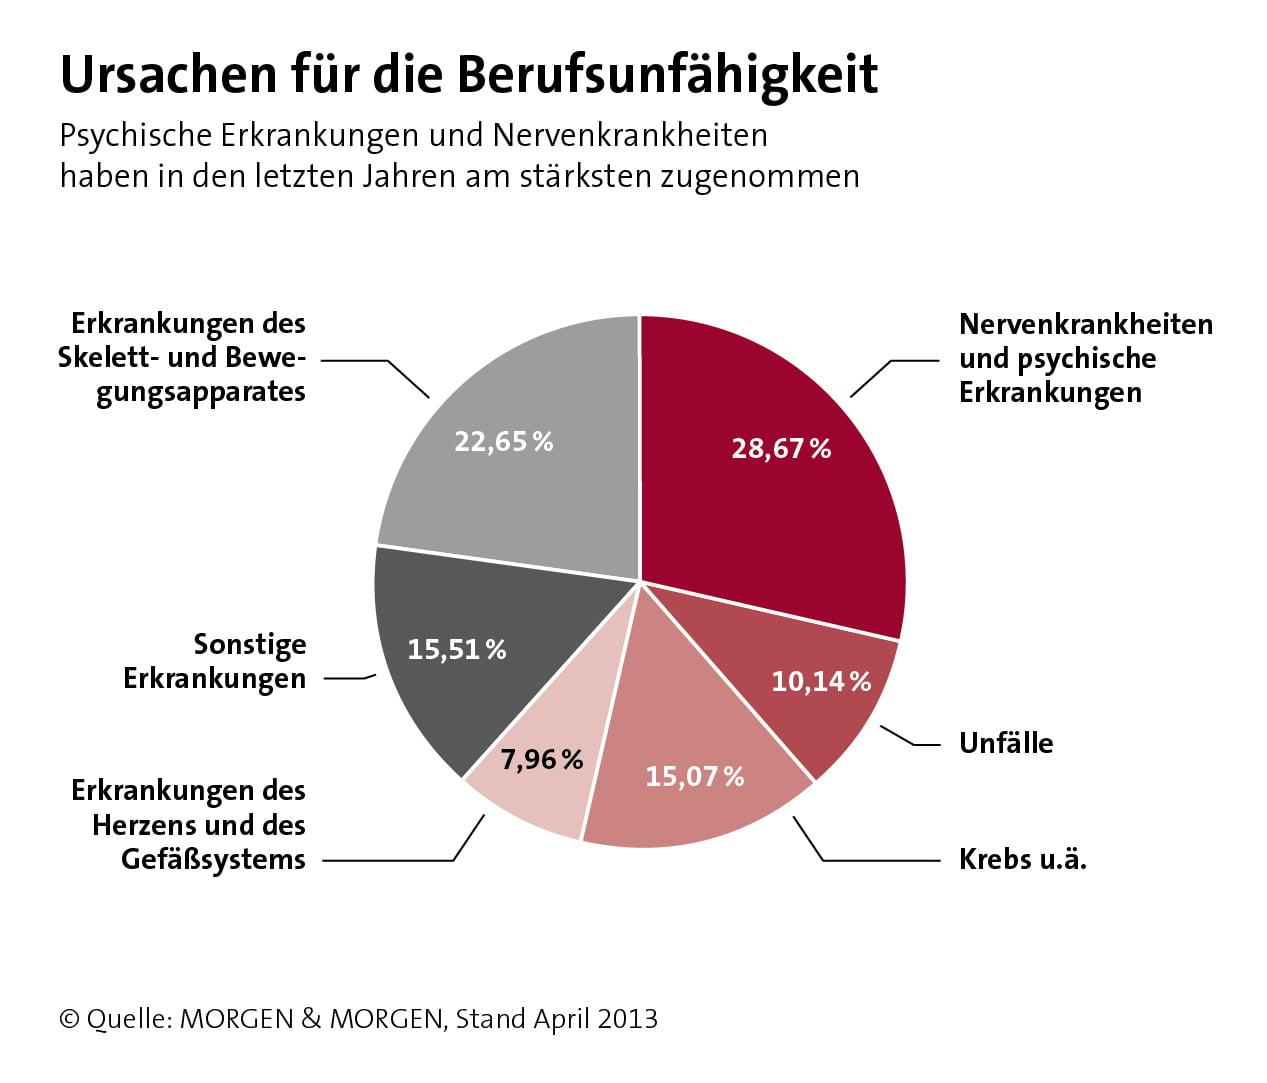 Berufsunfähigkeit Ursachen - aktuelle Zahlen aus April 2013